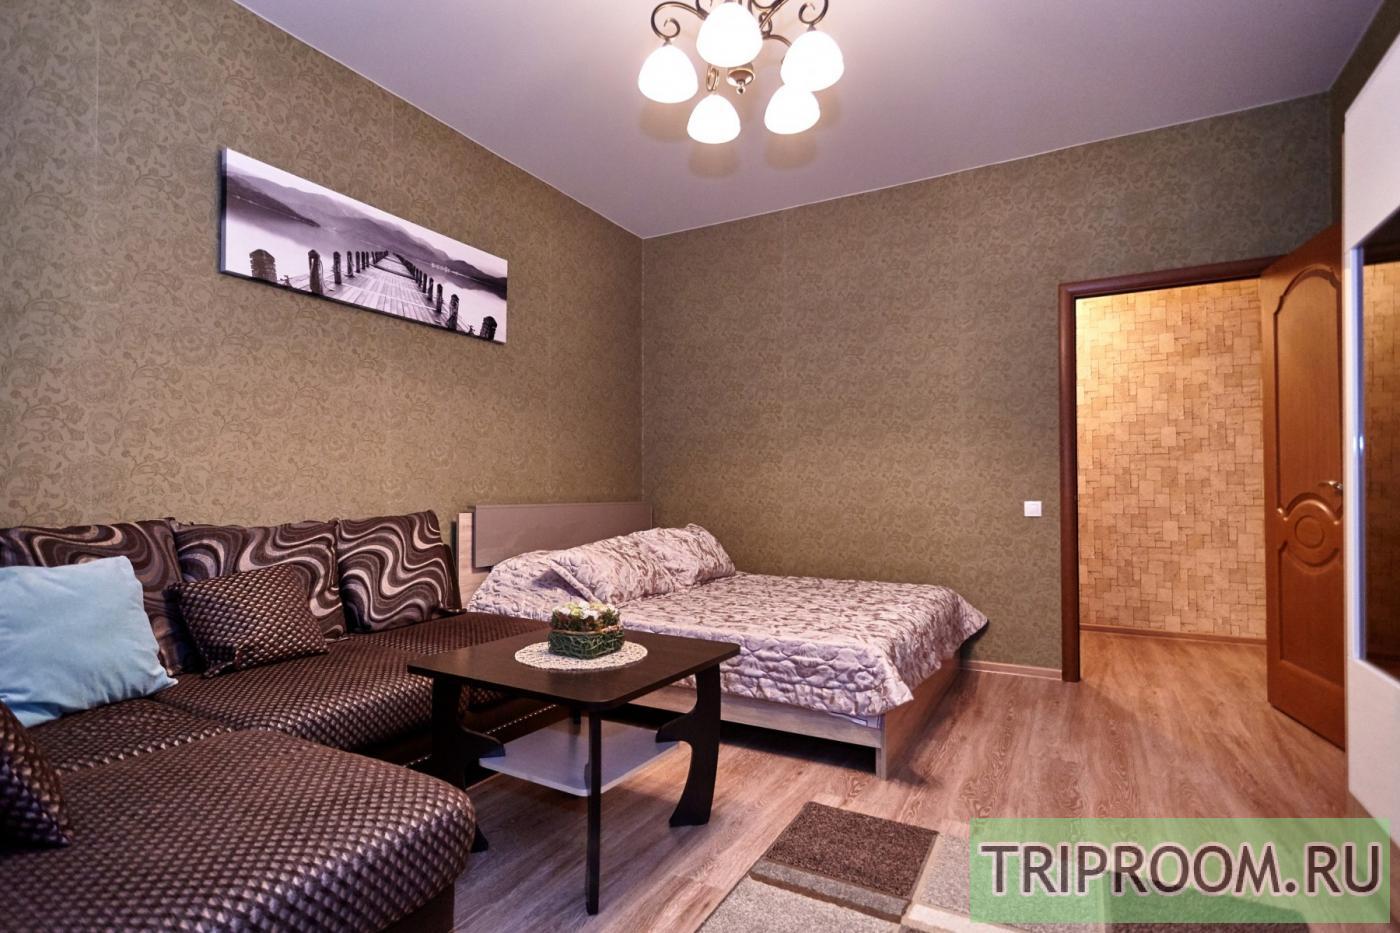 1-комнатная квартира посуточно (вариант № 6859), ул. Кореновская улица, фото № 2